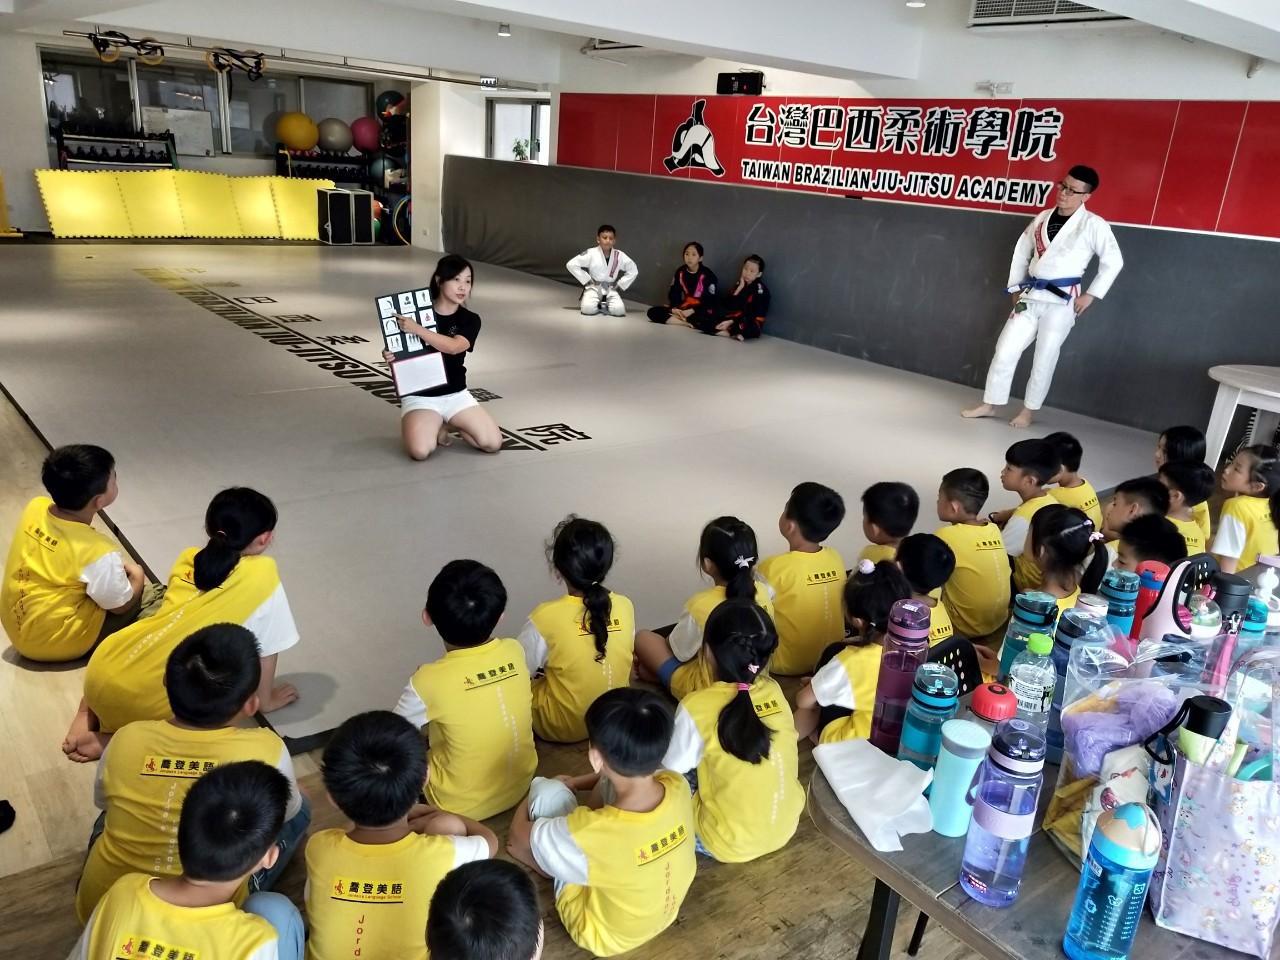 基隆喬登美語仁愛 夏令營 巴西柔術 暑期營 正音班 小一先修 安親班 兒童美語